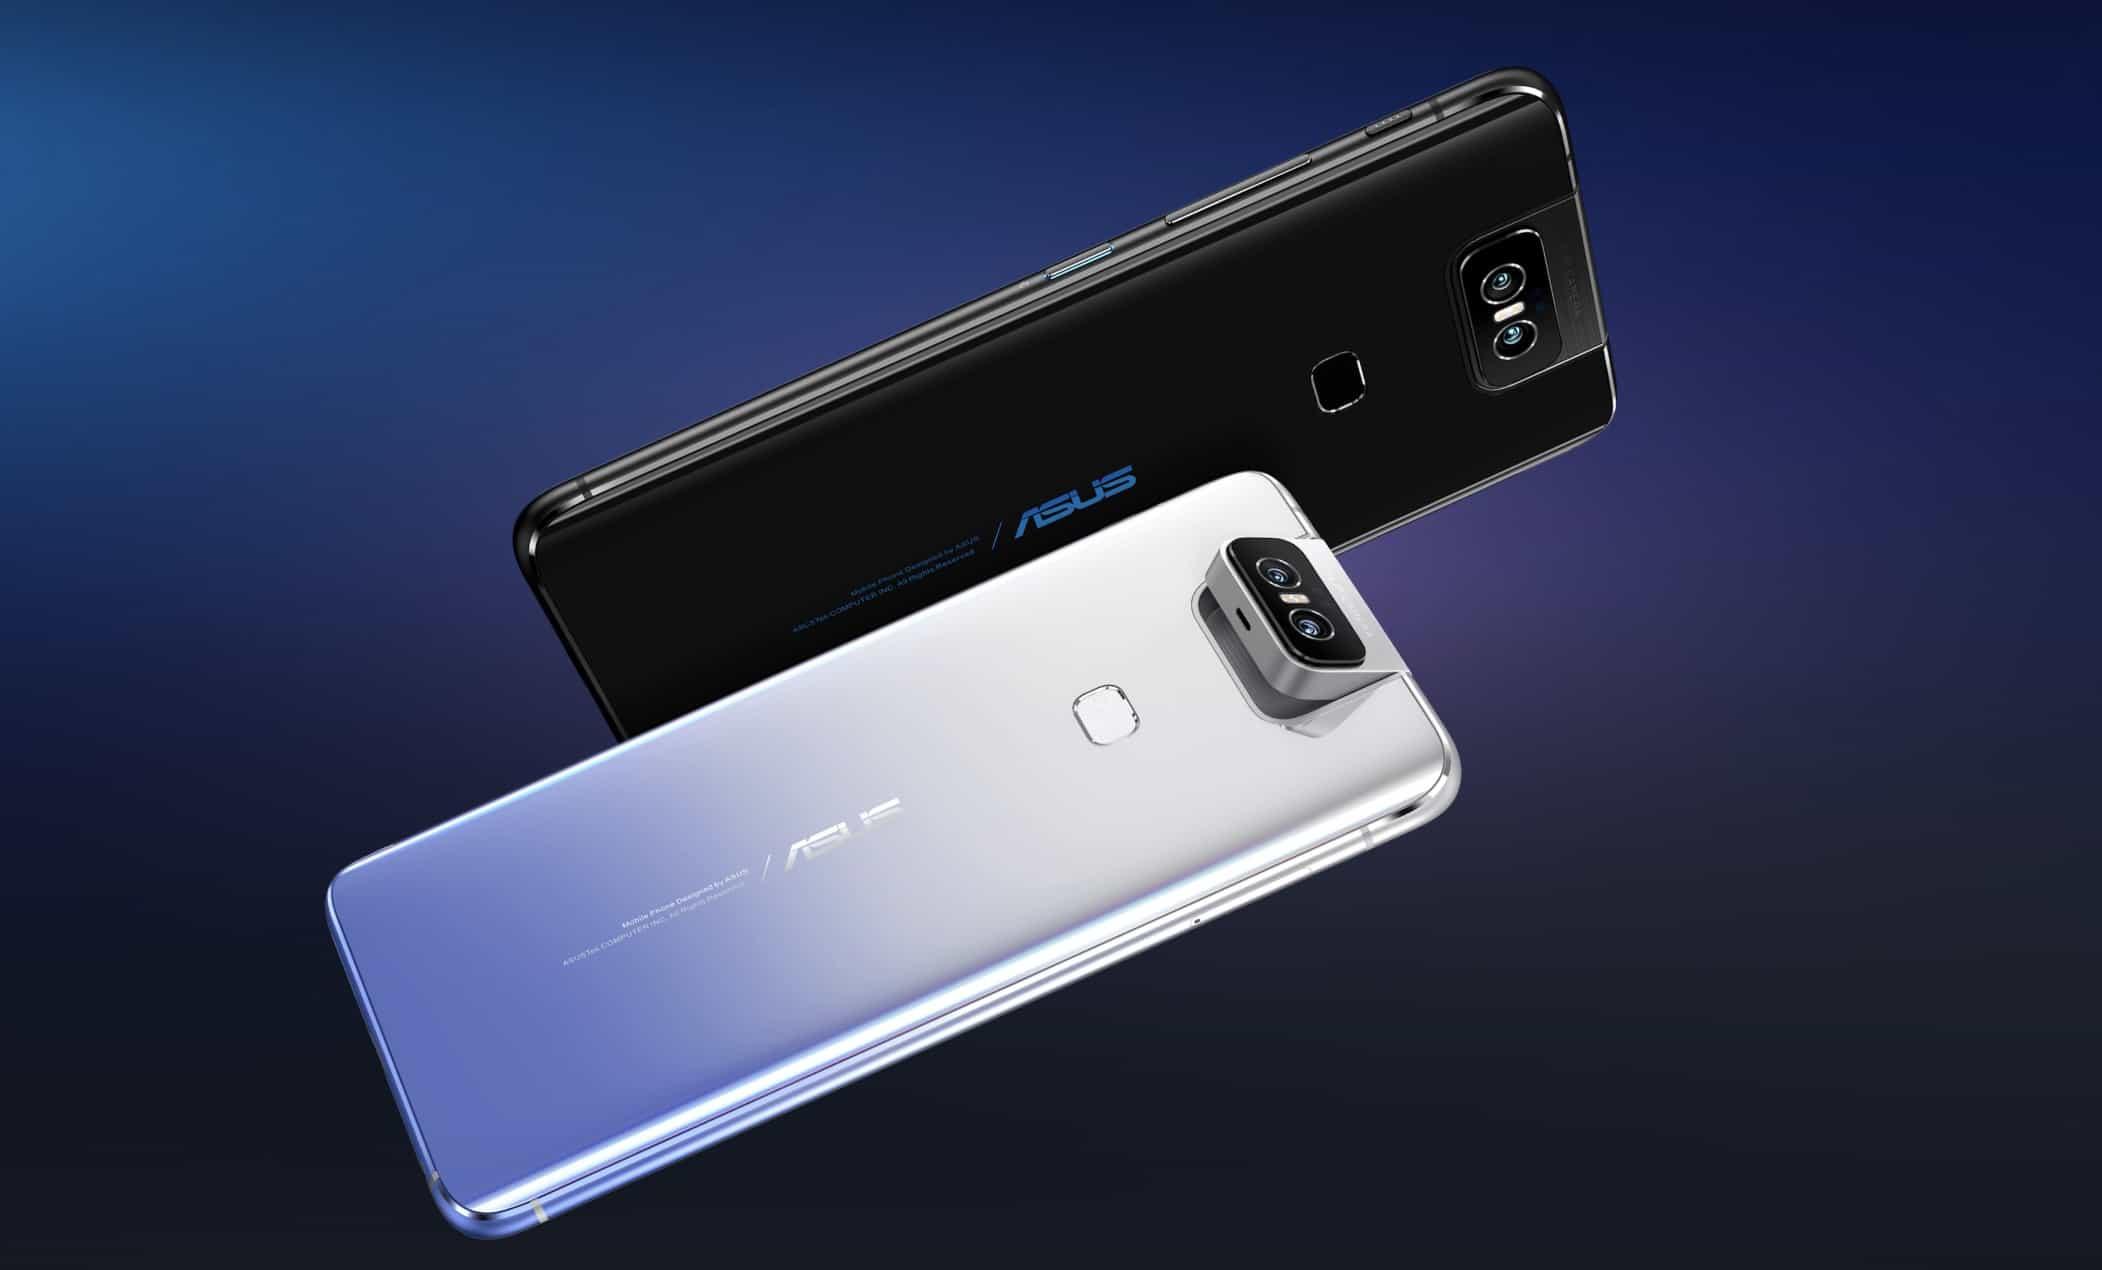 Asus dévoile son ZenFone 6, smartphone borderless avec Flip Camera à 499€